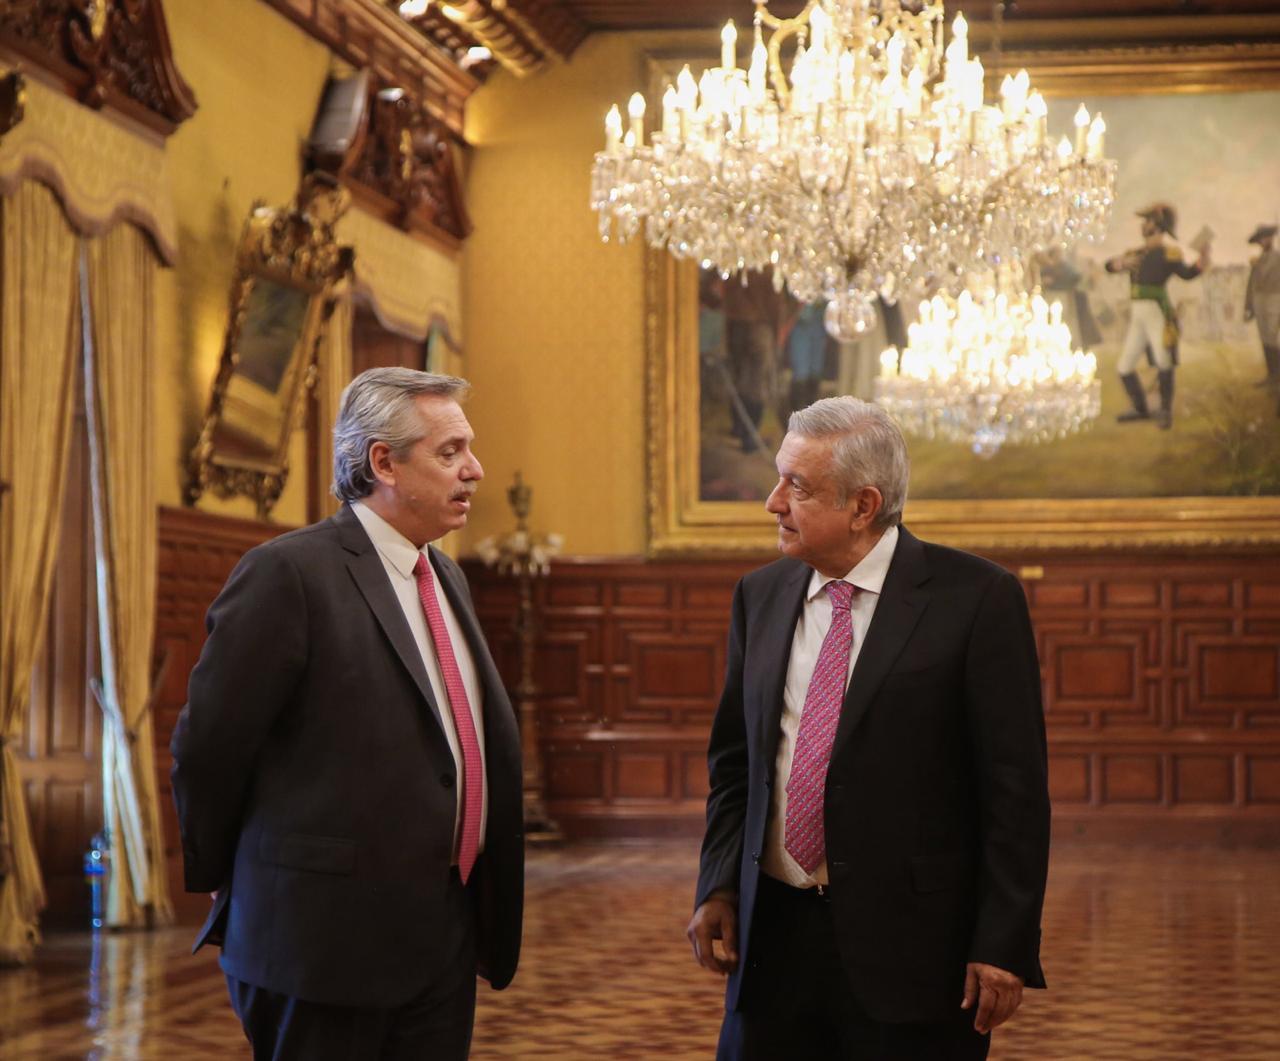 Elecciones en Latam y visita de Fernández, ¿qué significan para México?